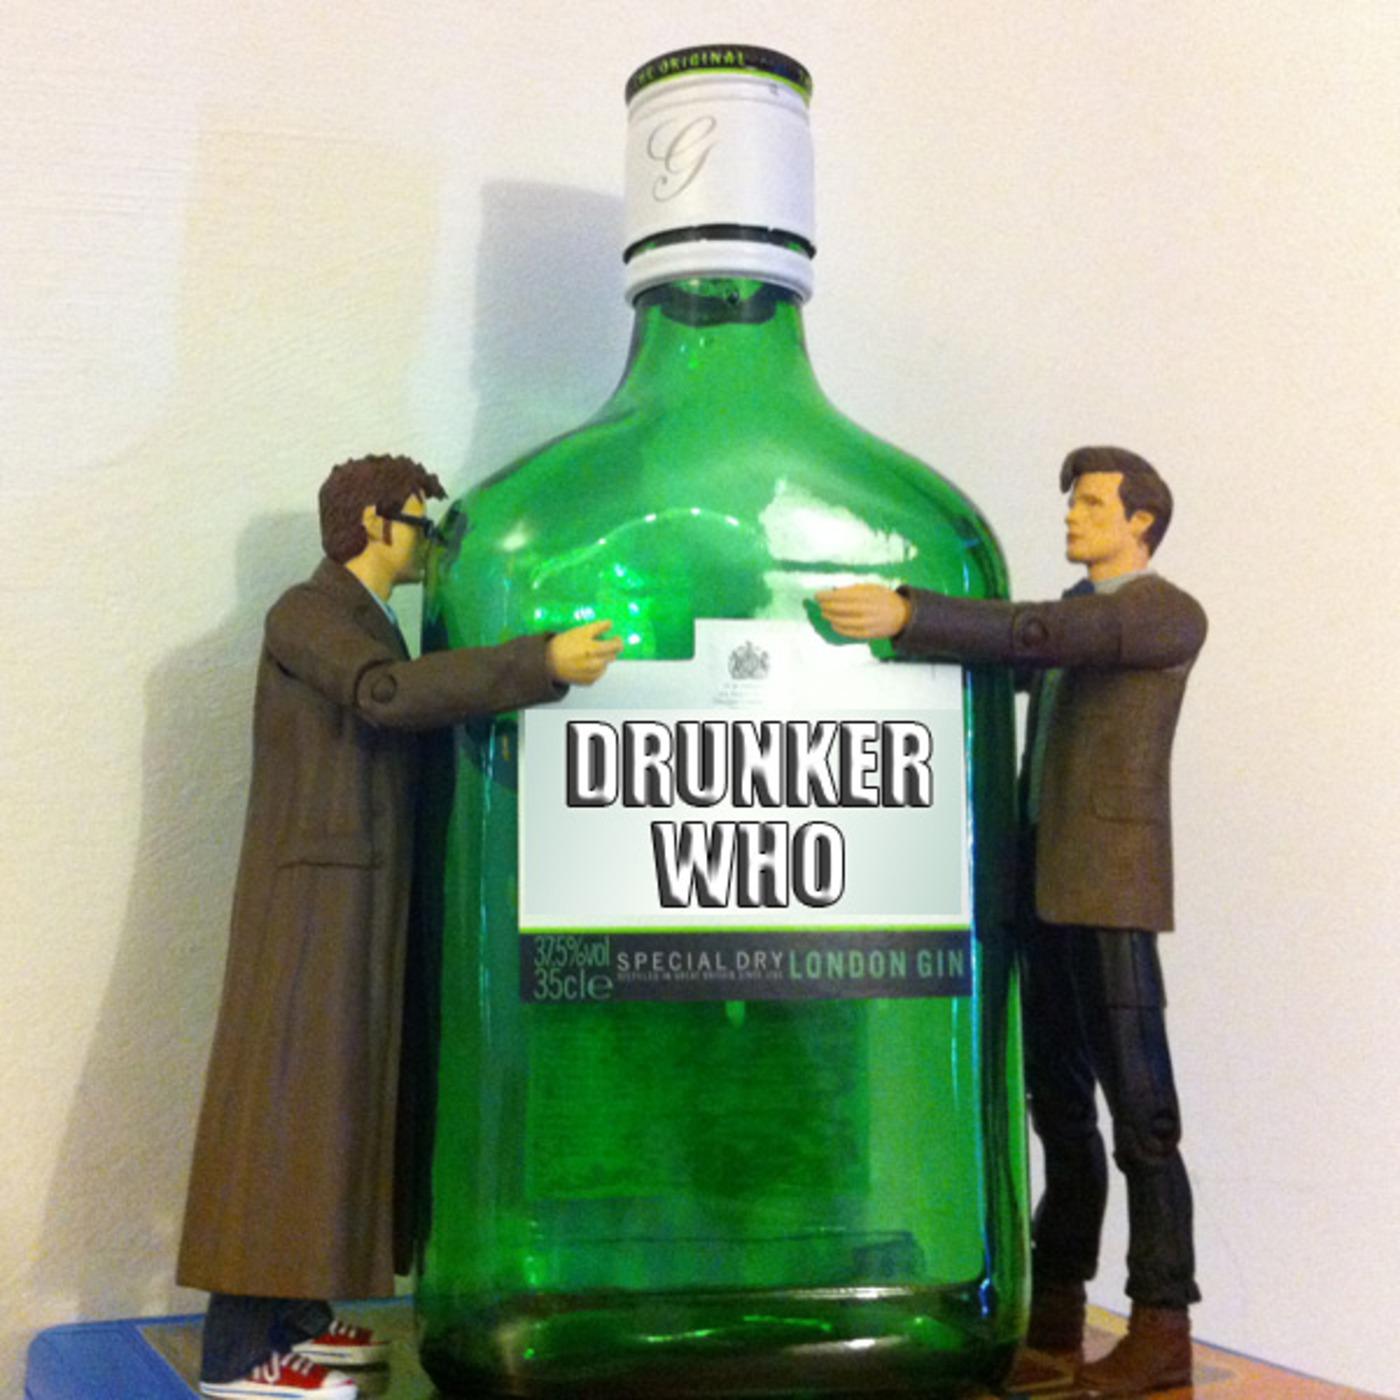 Drunker Who